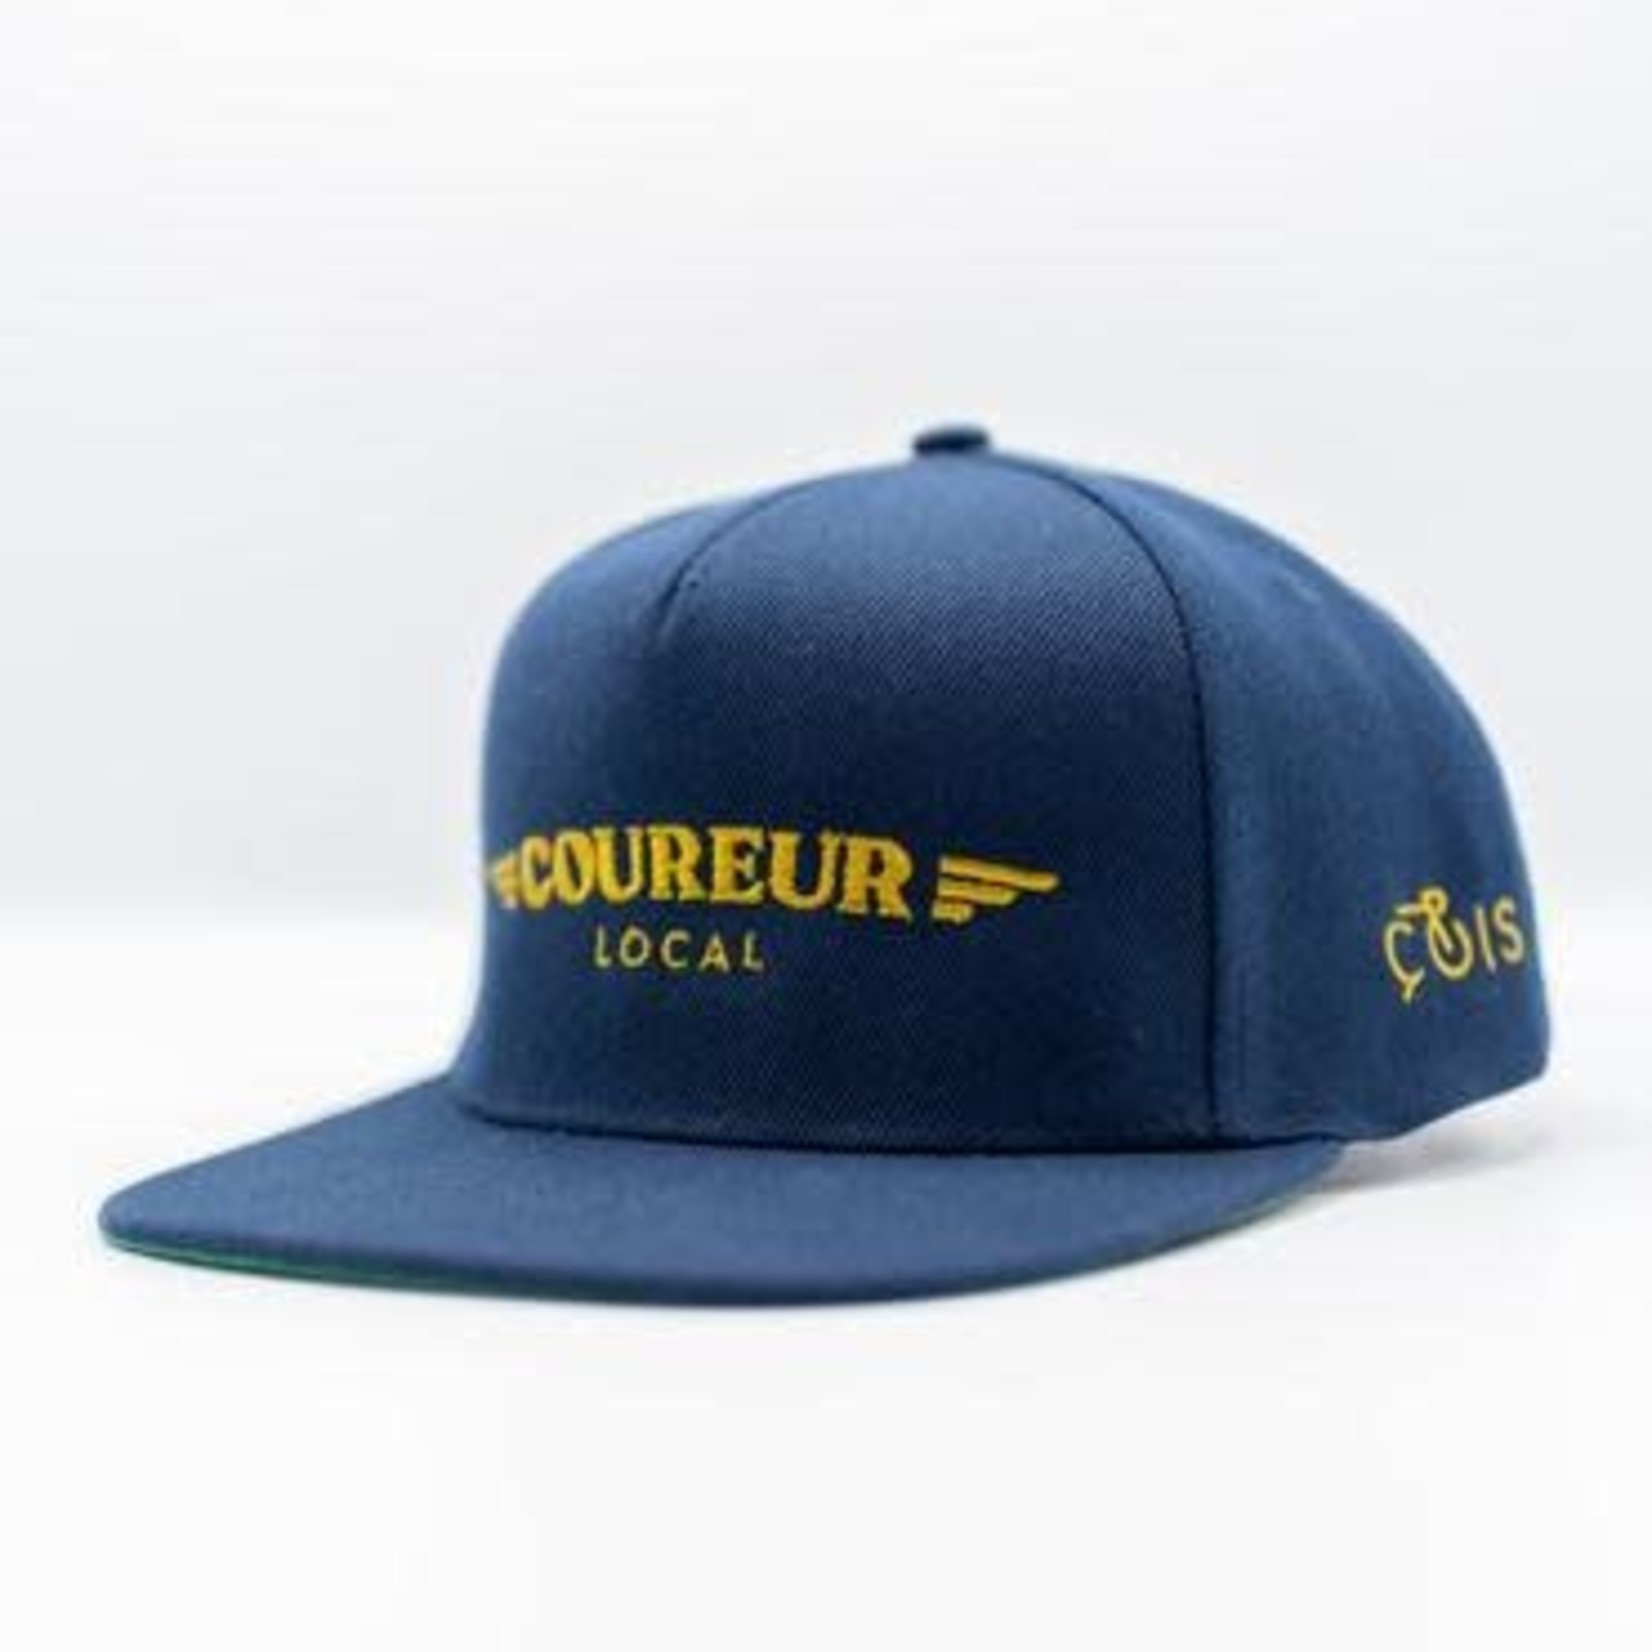 'Coureur Local' snapback cap (Cois)